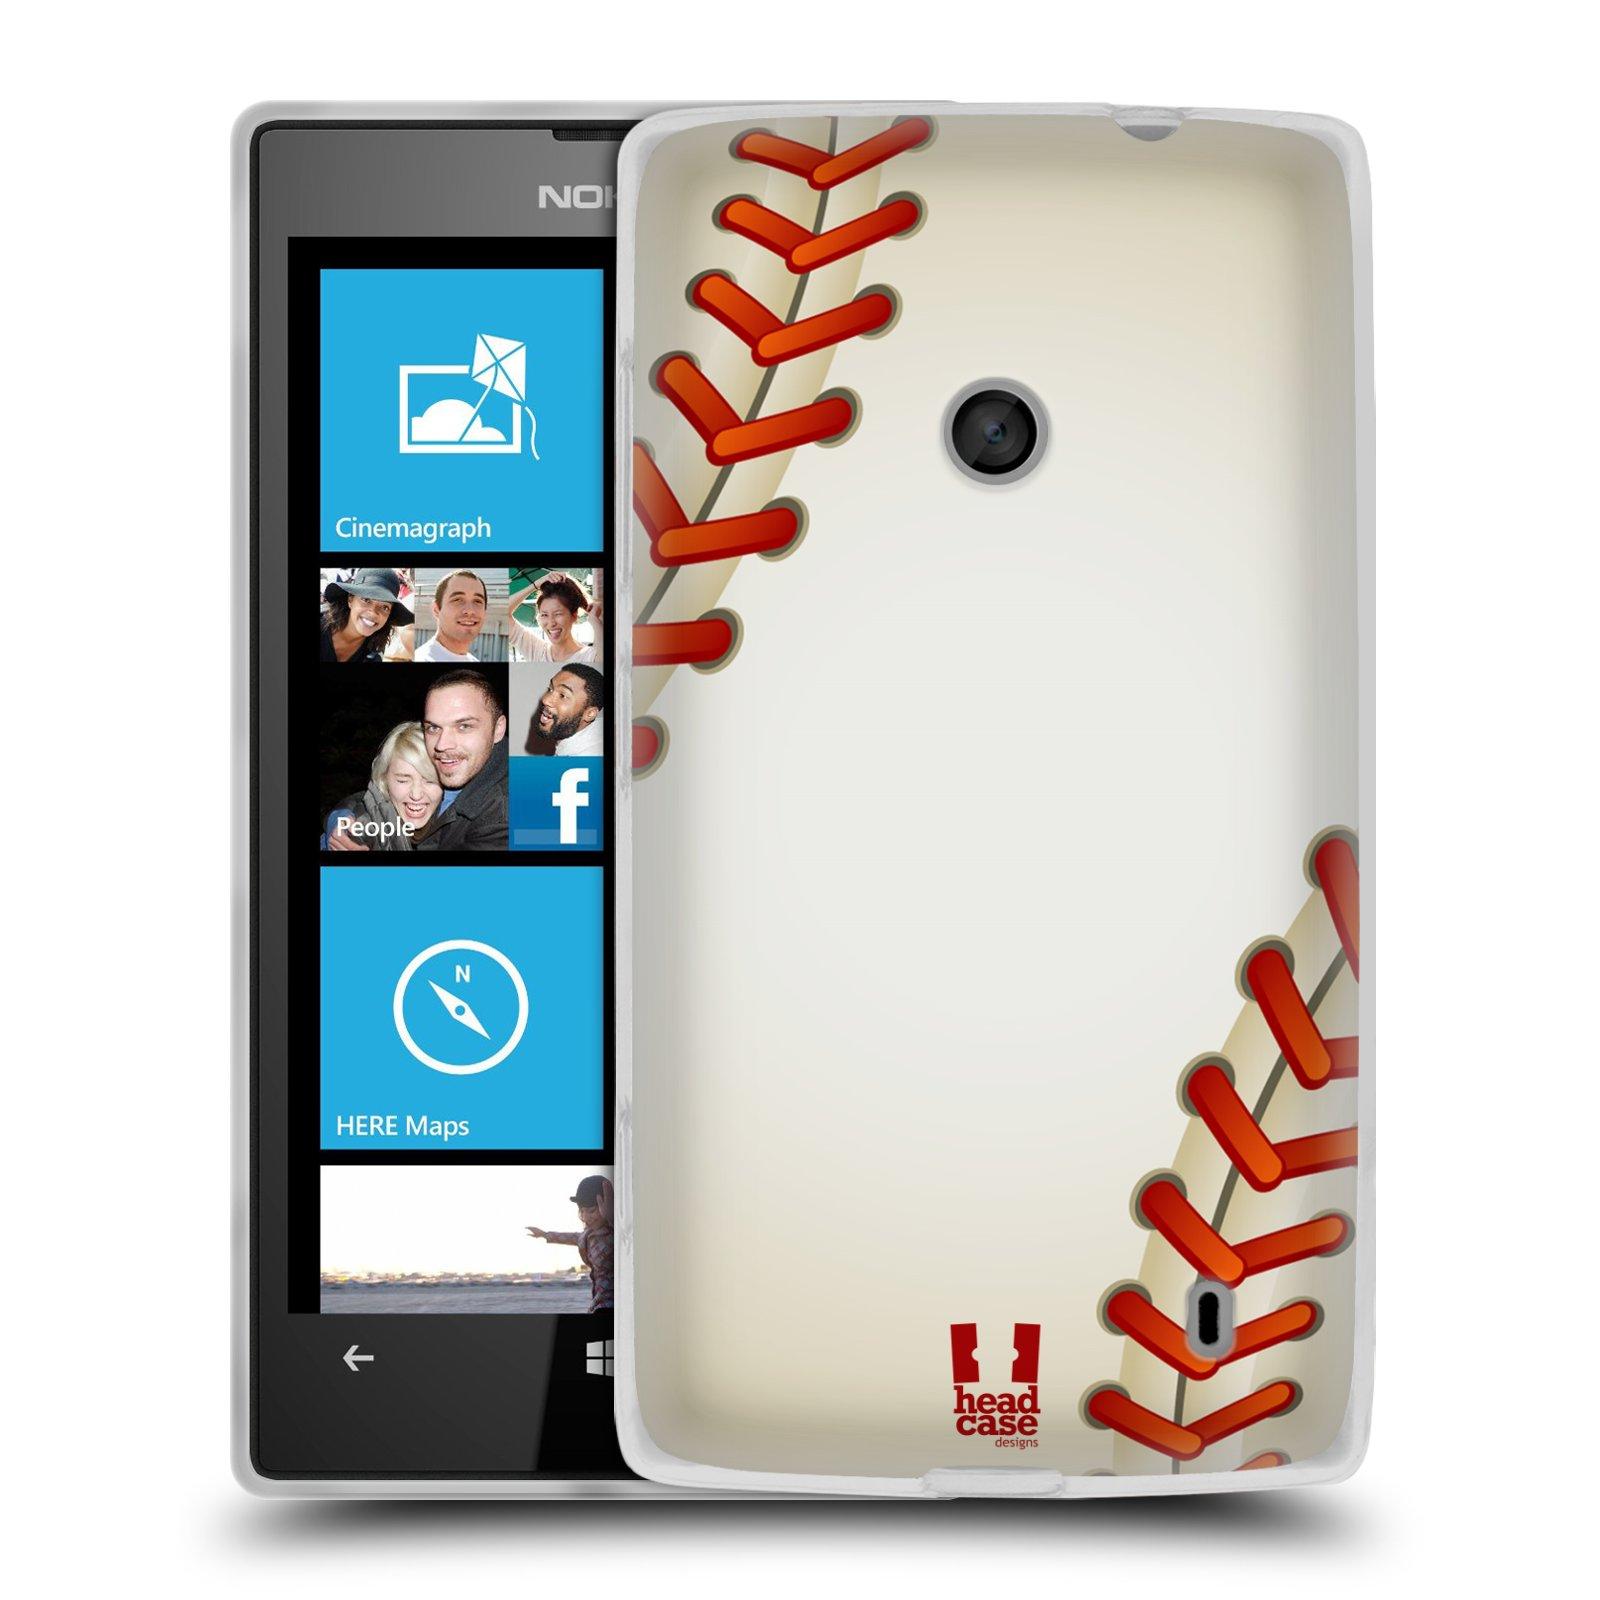 Silikonové pouzdro na mobil Nokia Lumia 520 HEAD CASE KRIKEŤÁK (Silikonový Kryt či obal na mobilní telefon Nokia Lumia 520)